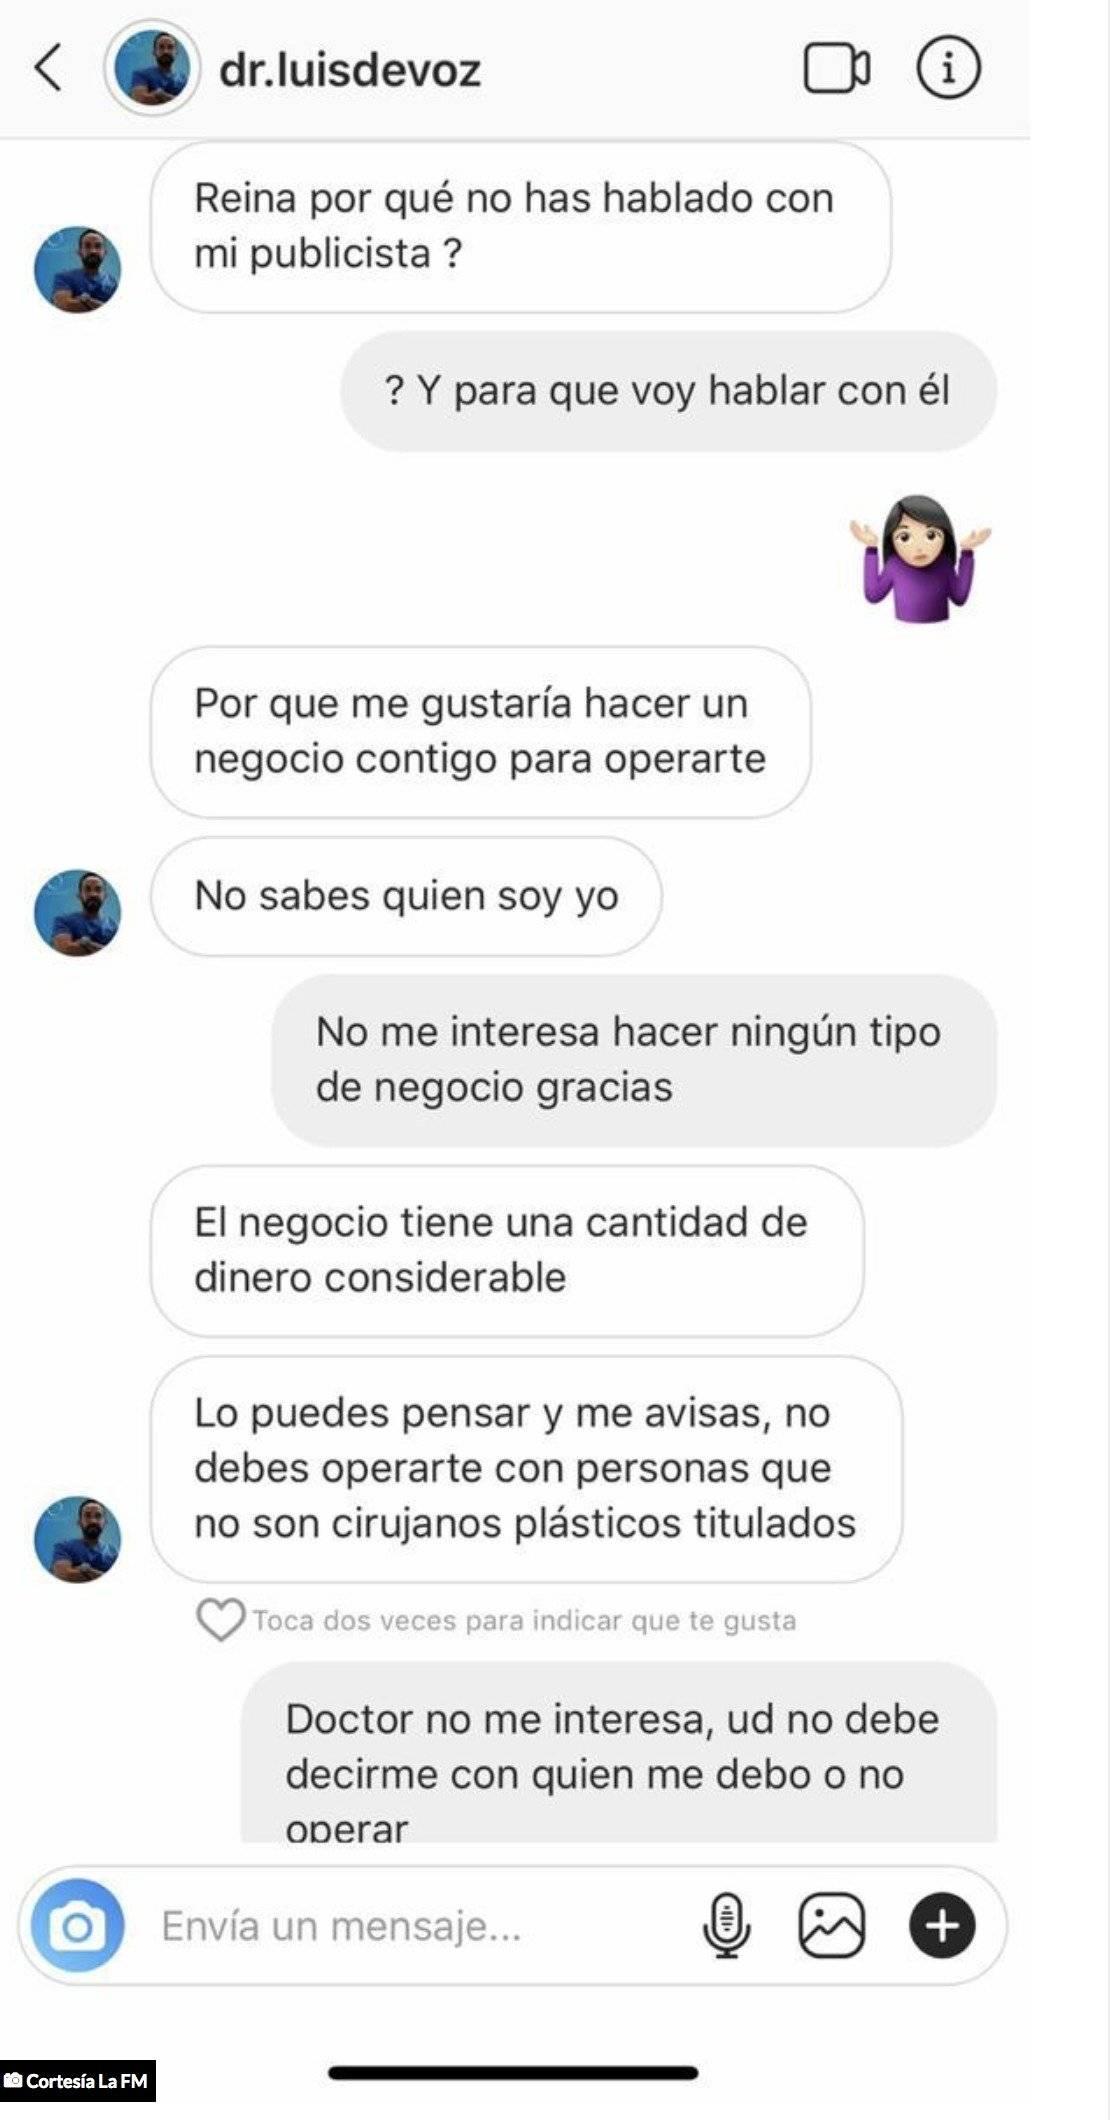 Presunto acoso del cirujano Luis de Voz